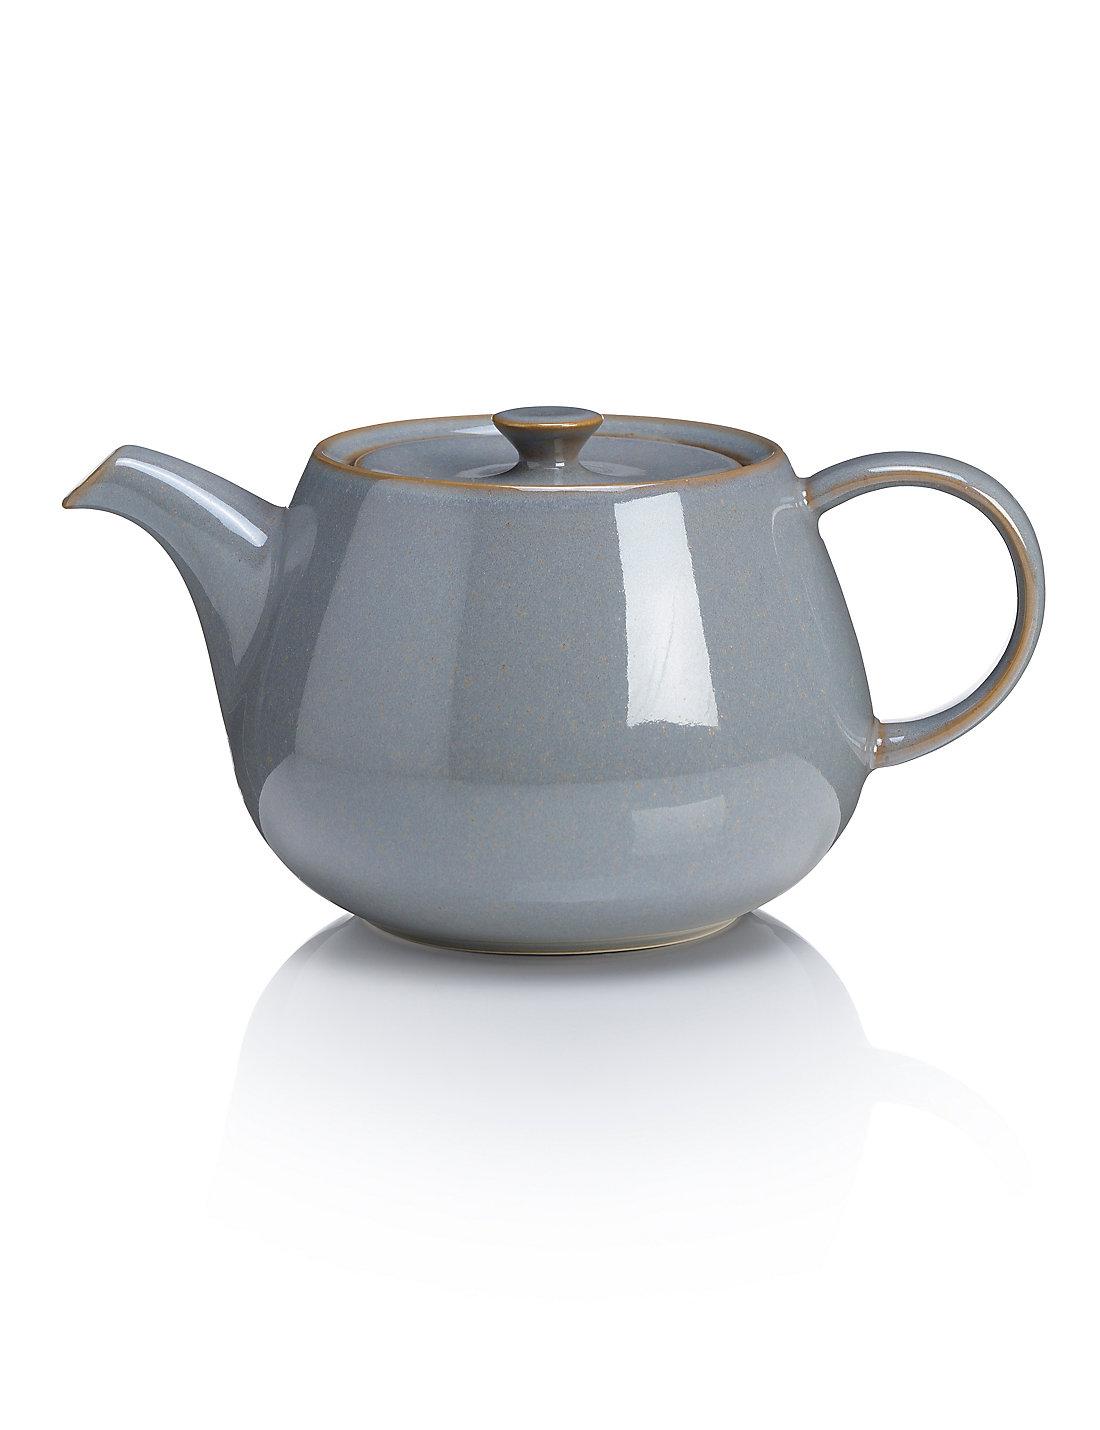 grey teapot m&s